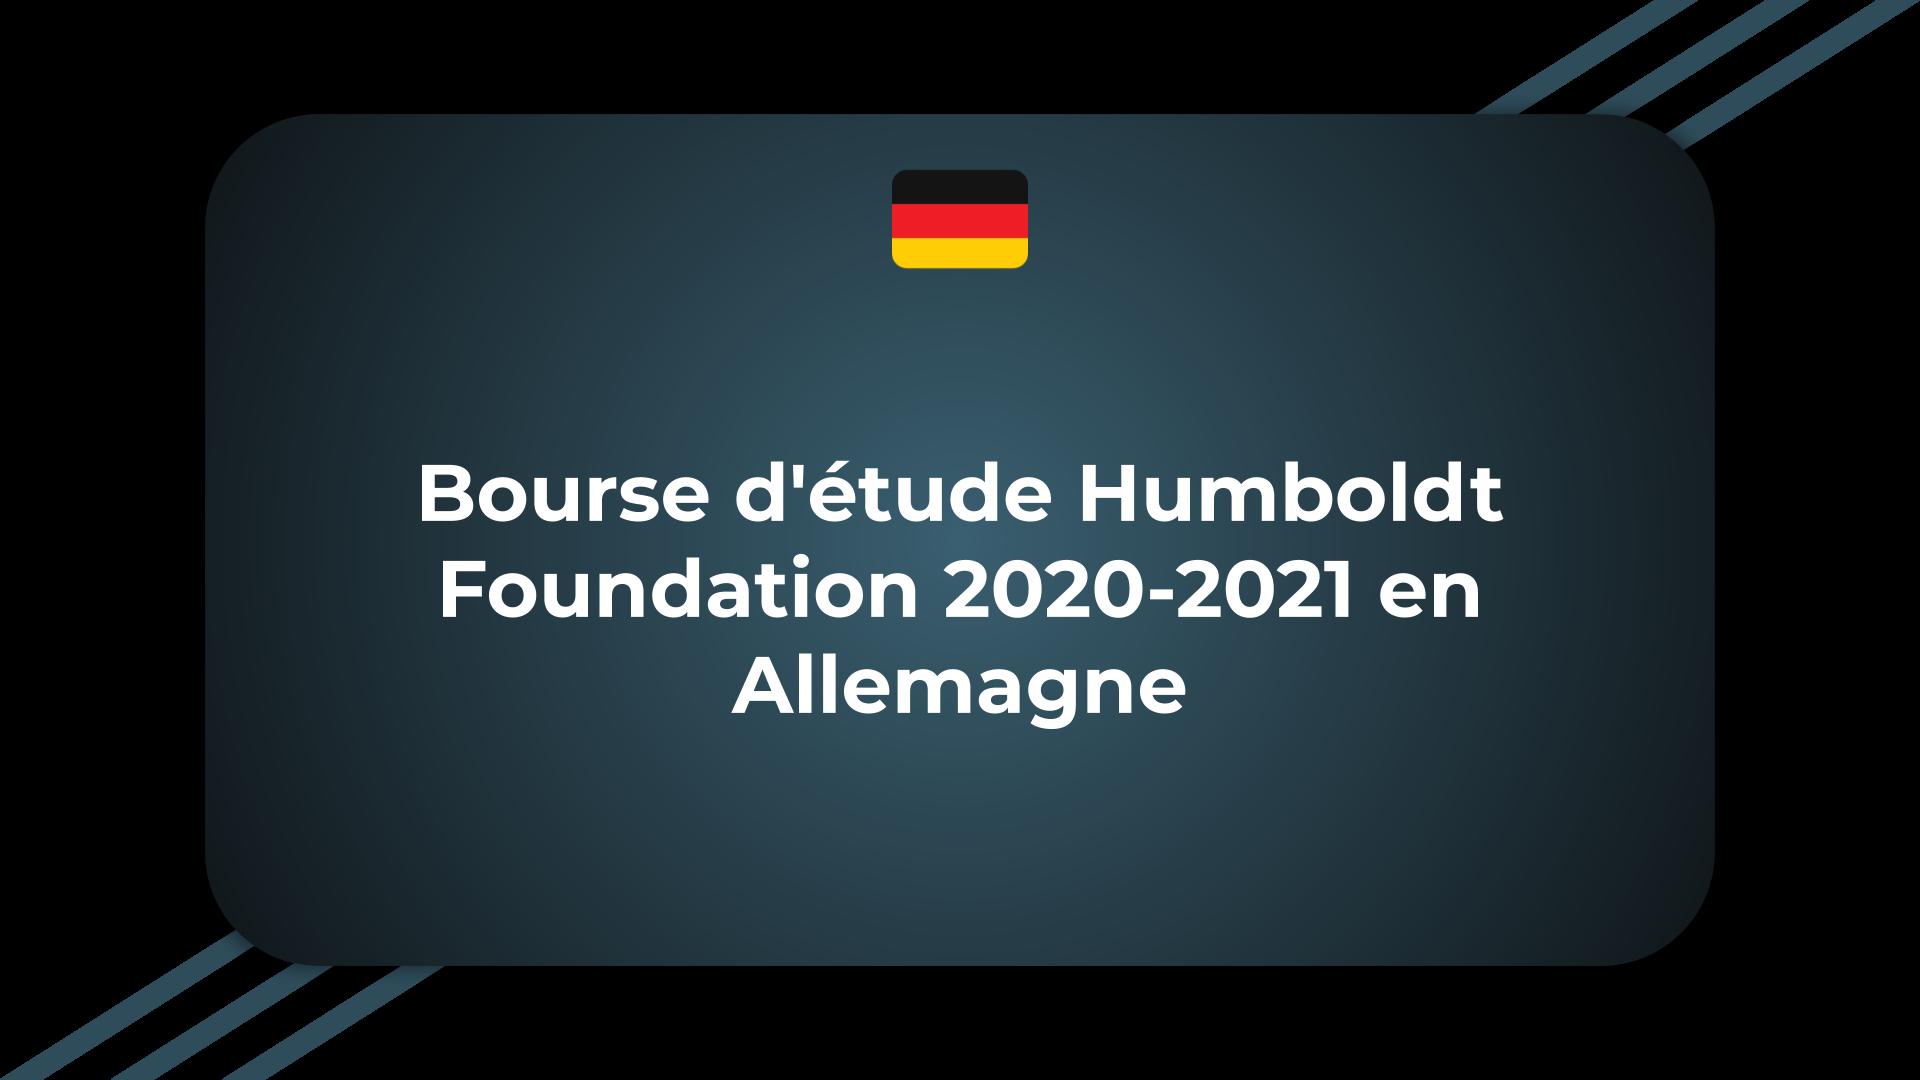 Bourse d'étude Humboldt Foundation